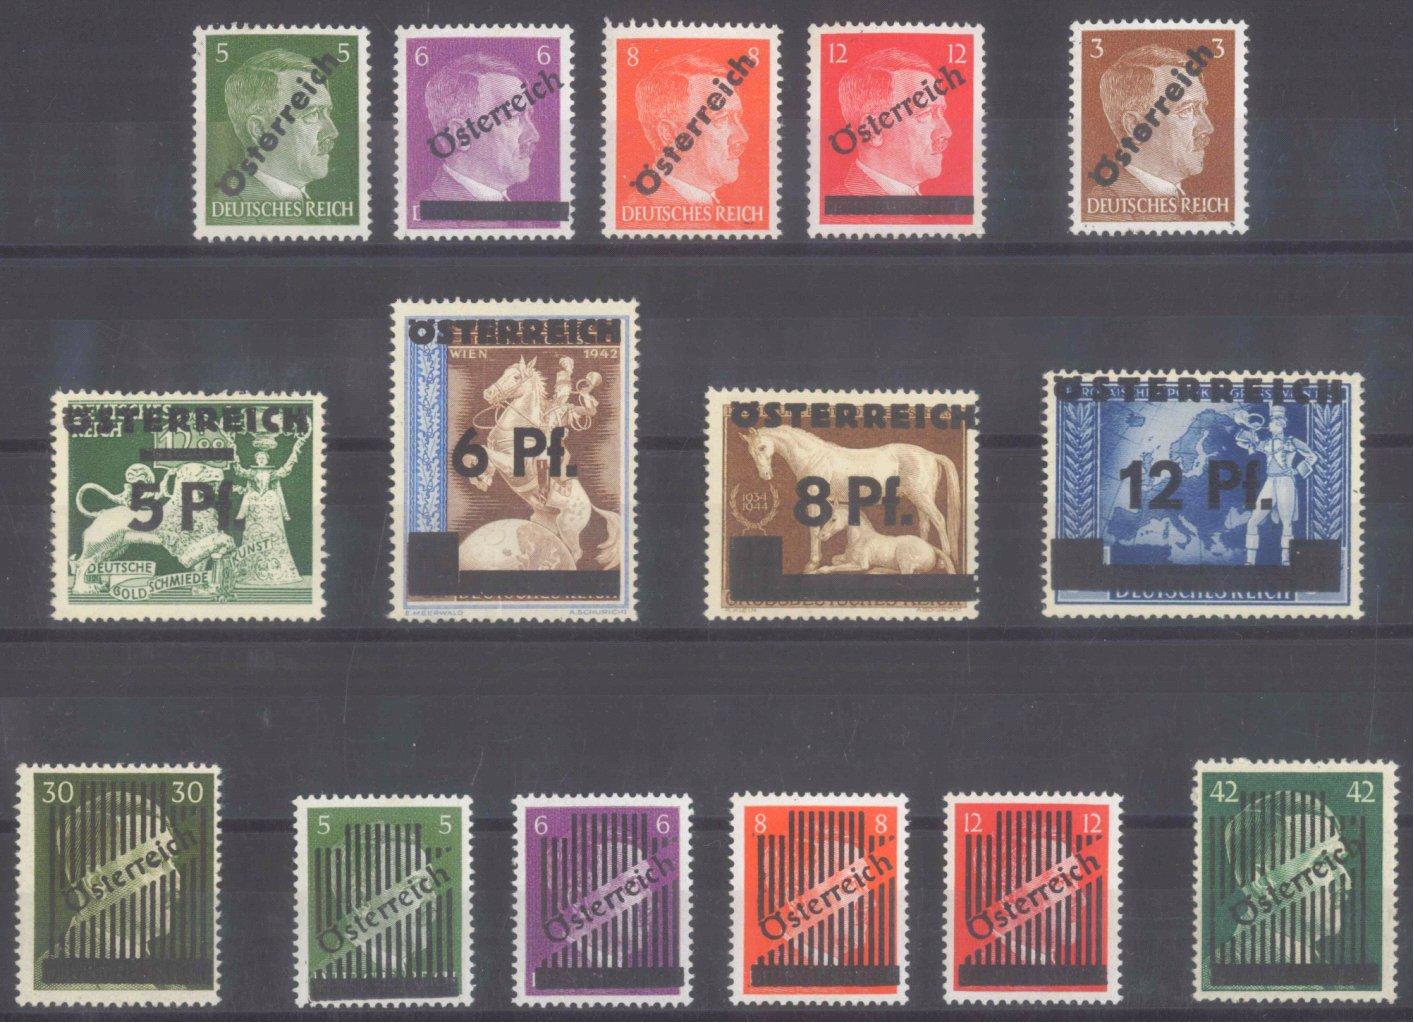 ÖSTERREICH 1945 ÜBERDRUCKE auf III. Reich Marken